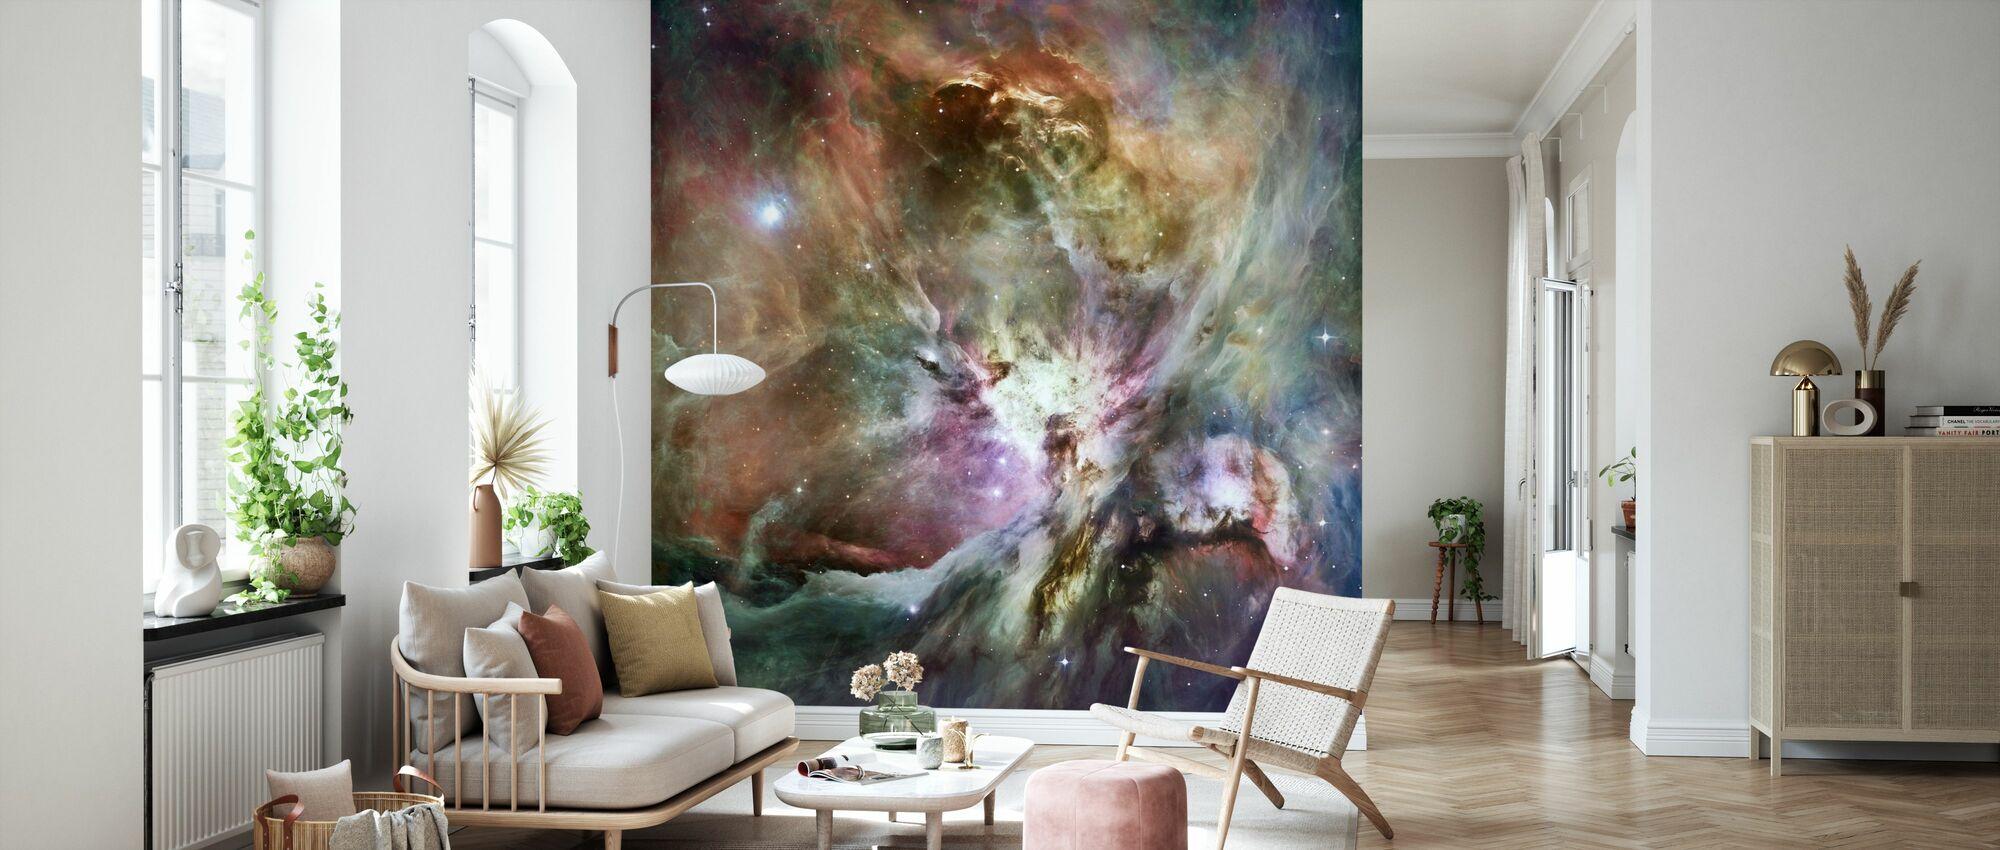 Orionin tähtisumu - Tapetti - Olohuone